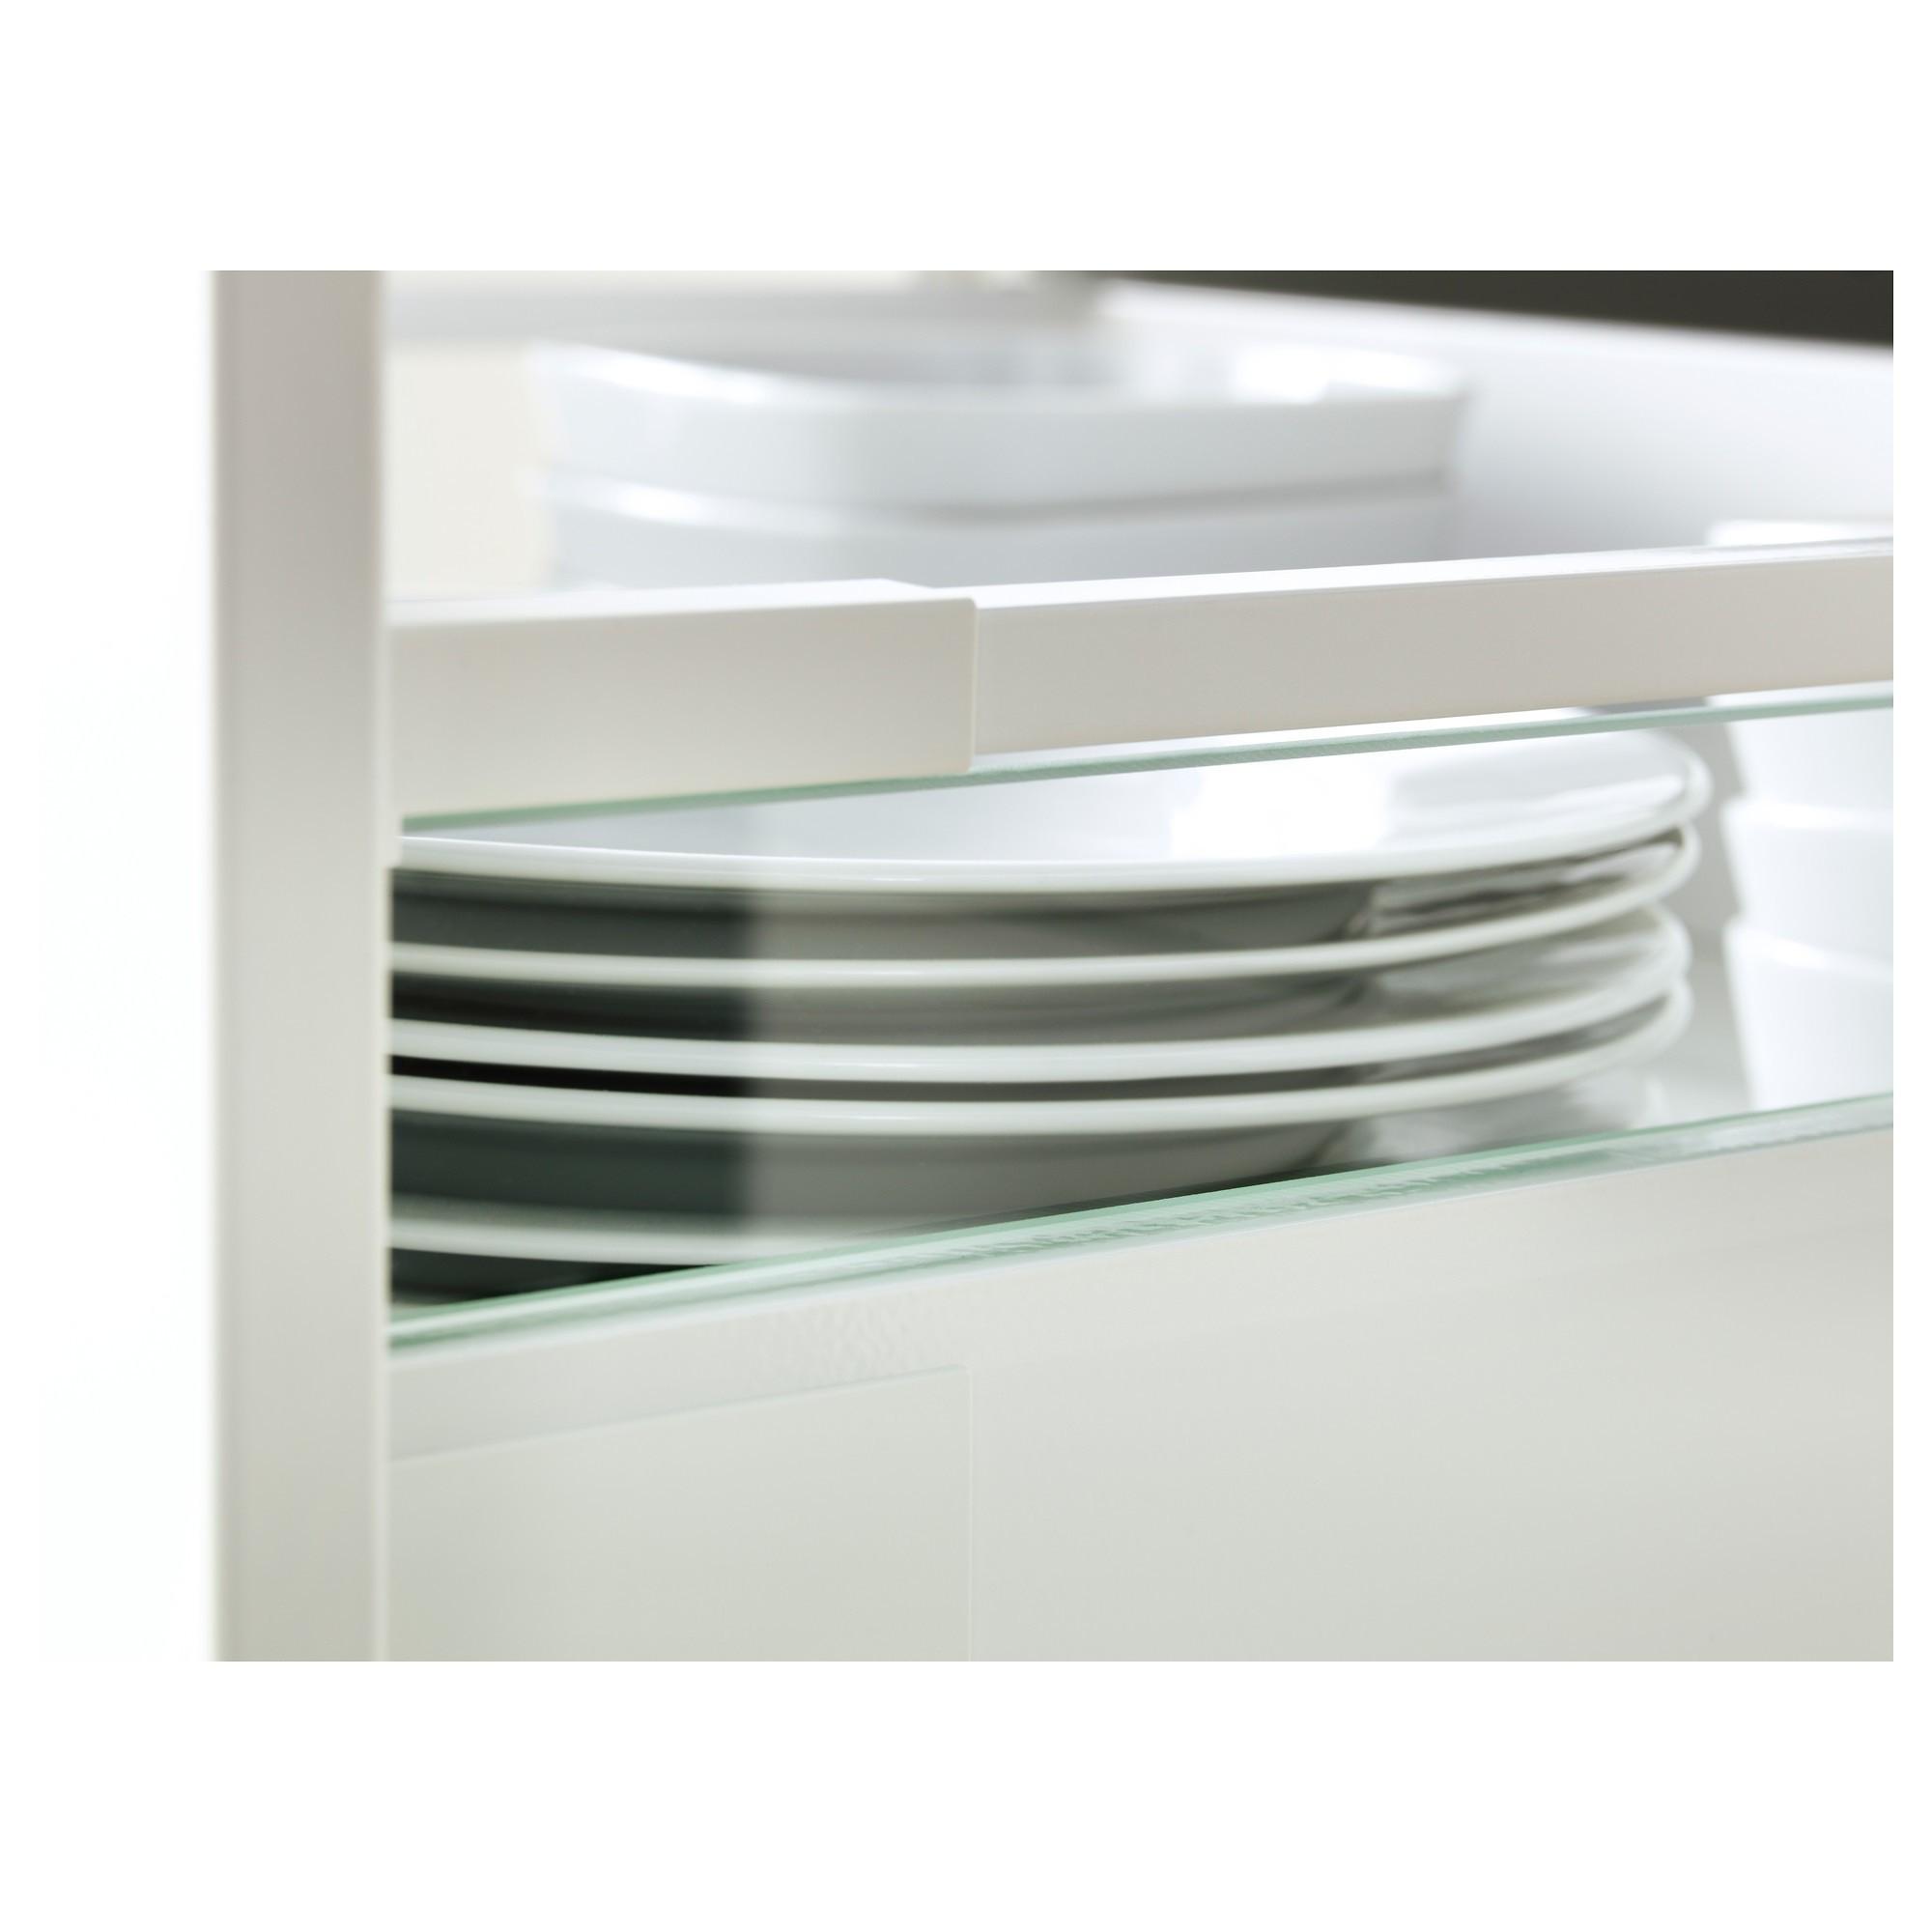 IKEA MAXIMERA дополнит боковина д/ящика, средняя стекло 49x4.7 см 30238859